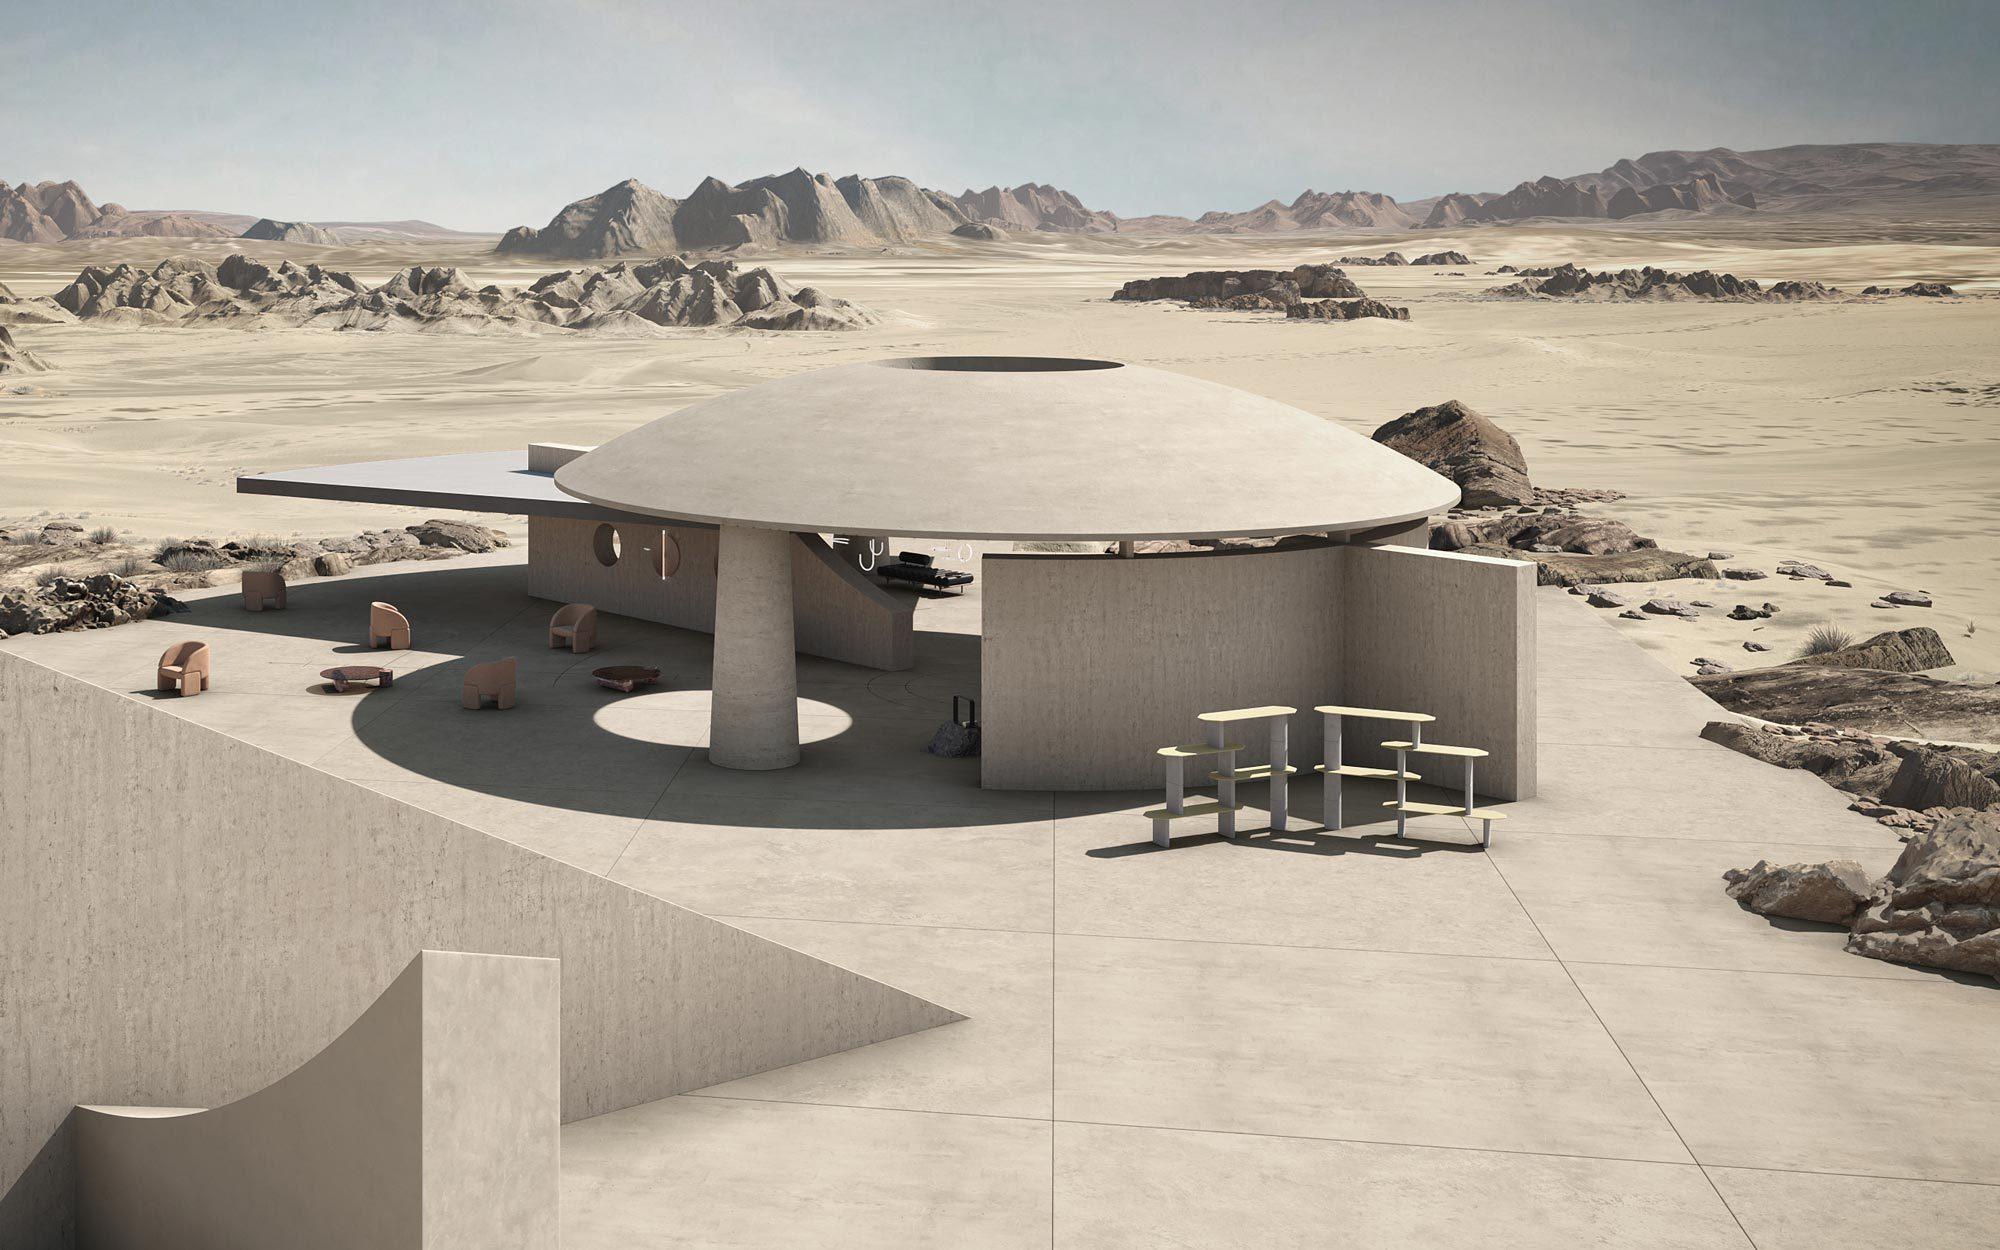 Für das Projekt De-siderio haben Arianna Lelli Mami und Chiara Di Pinto von Studiopepe ein Bauwerk aus Einsen und Nullen errichtet, das in einer virtuellen Wüstenlandschaft steht. (3D Art: Terzo Piano)